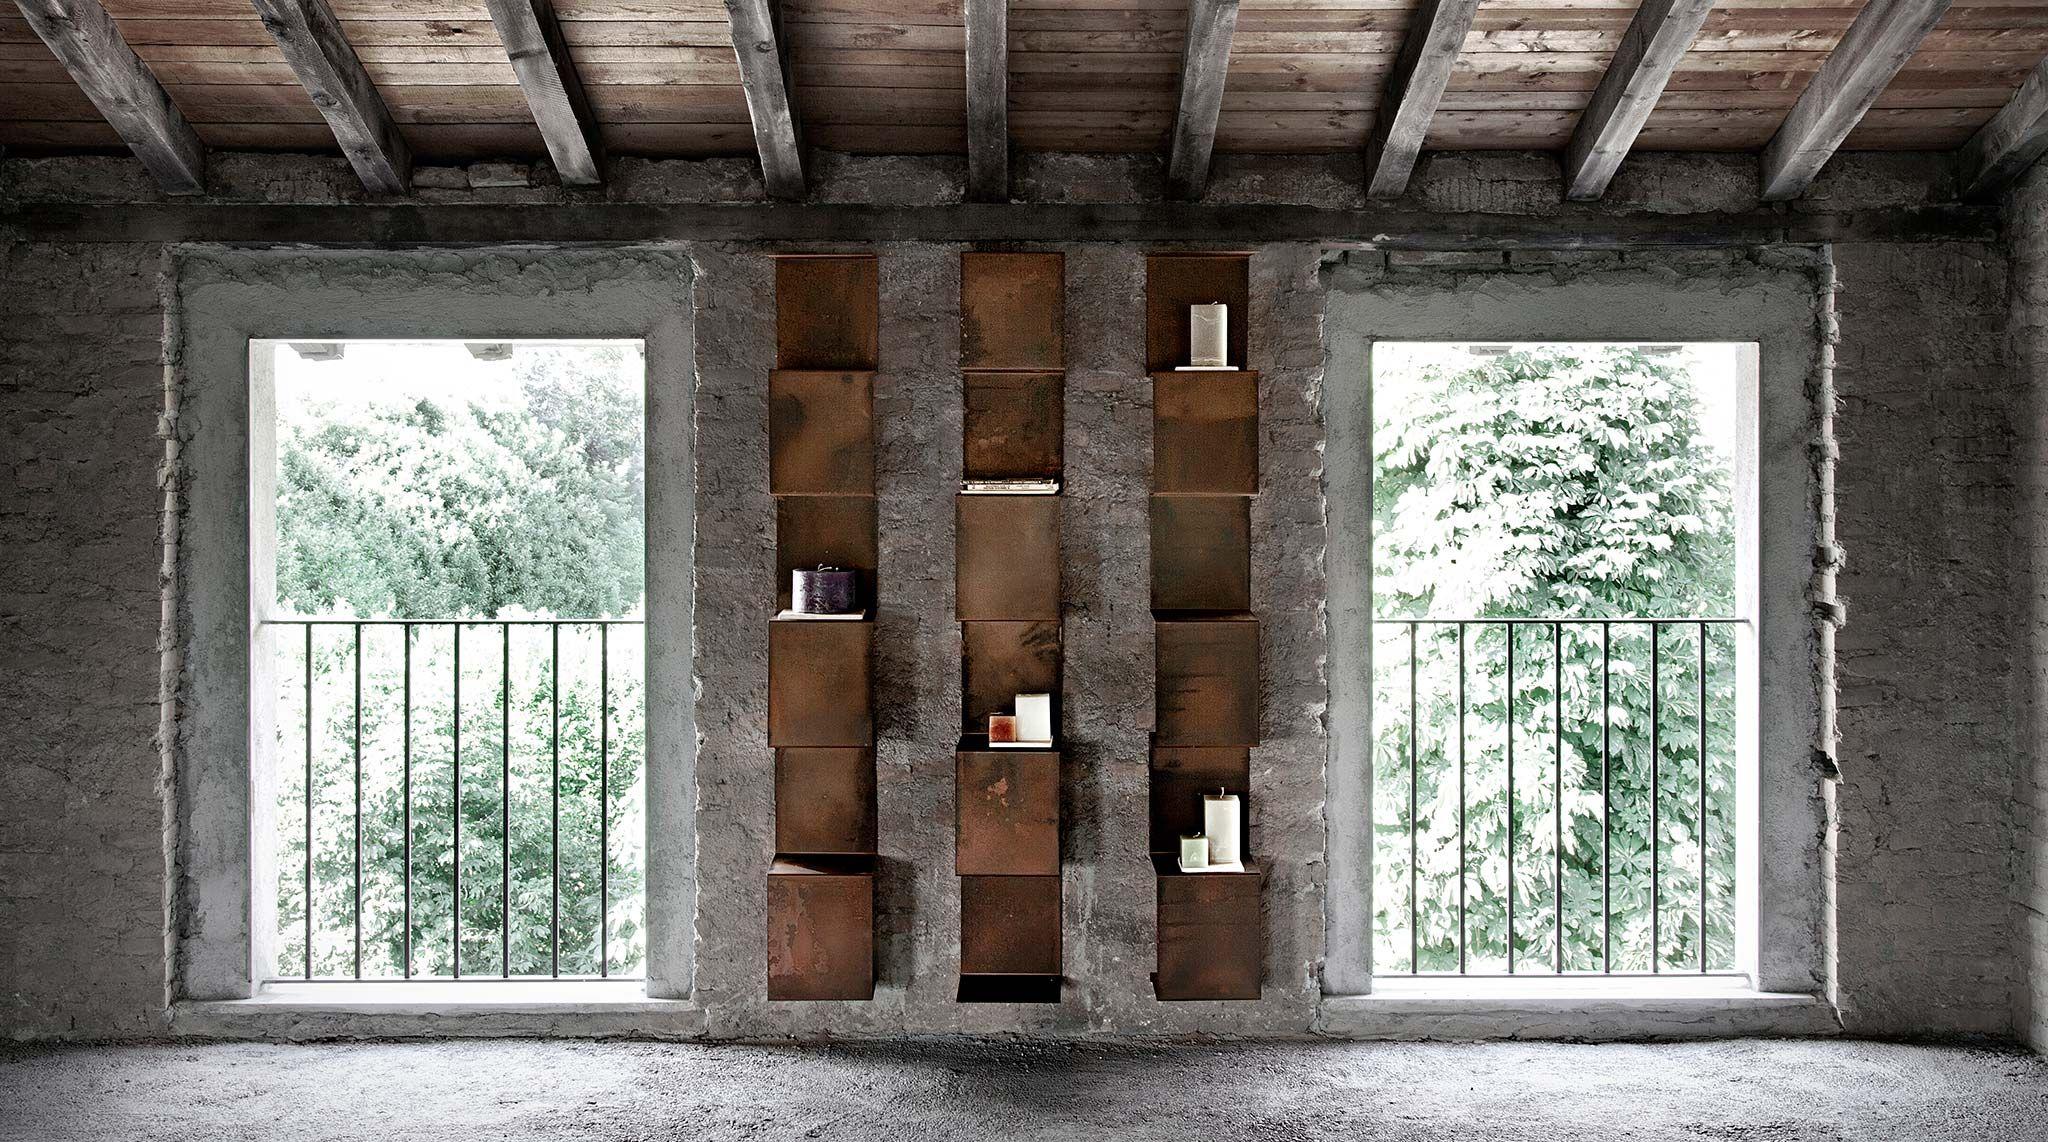 Libreria design a parete in metallo Segmento - soloLibrerie ...